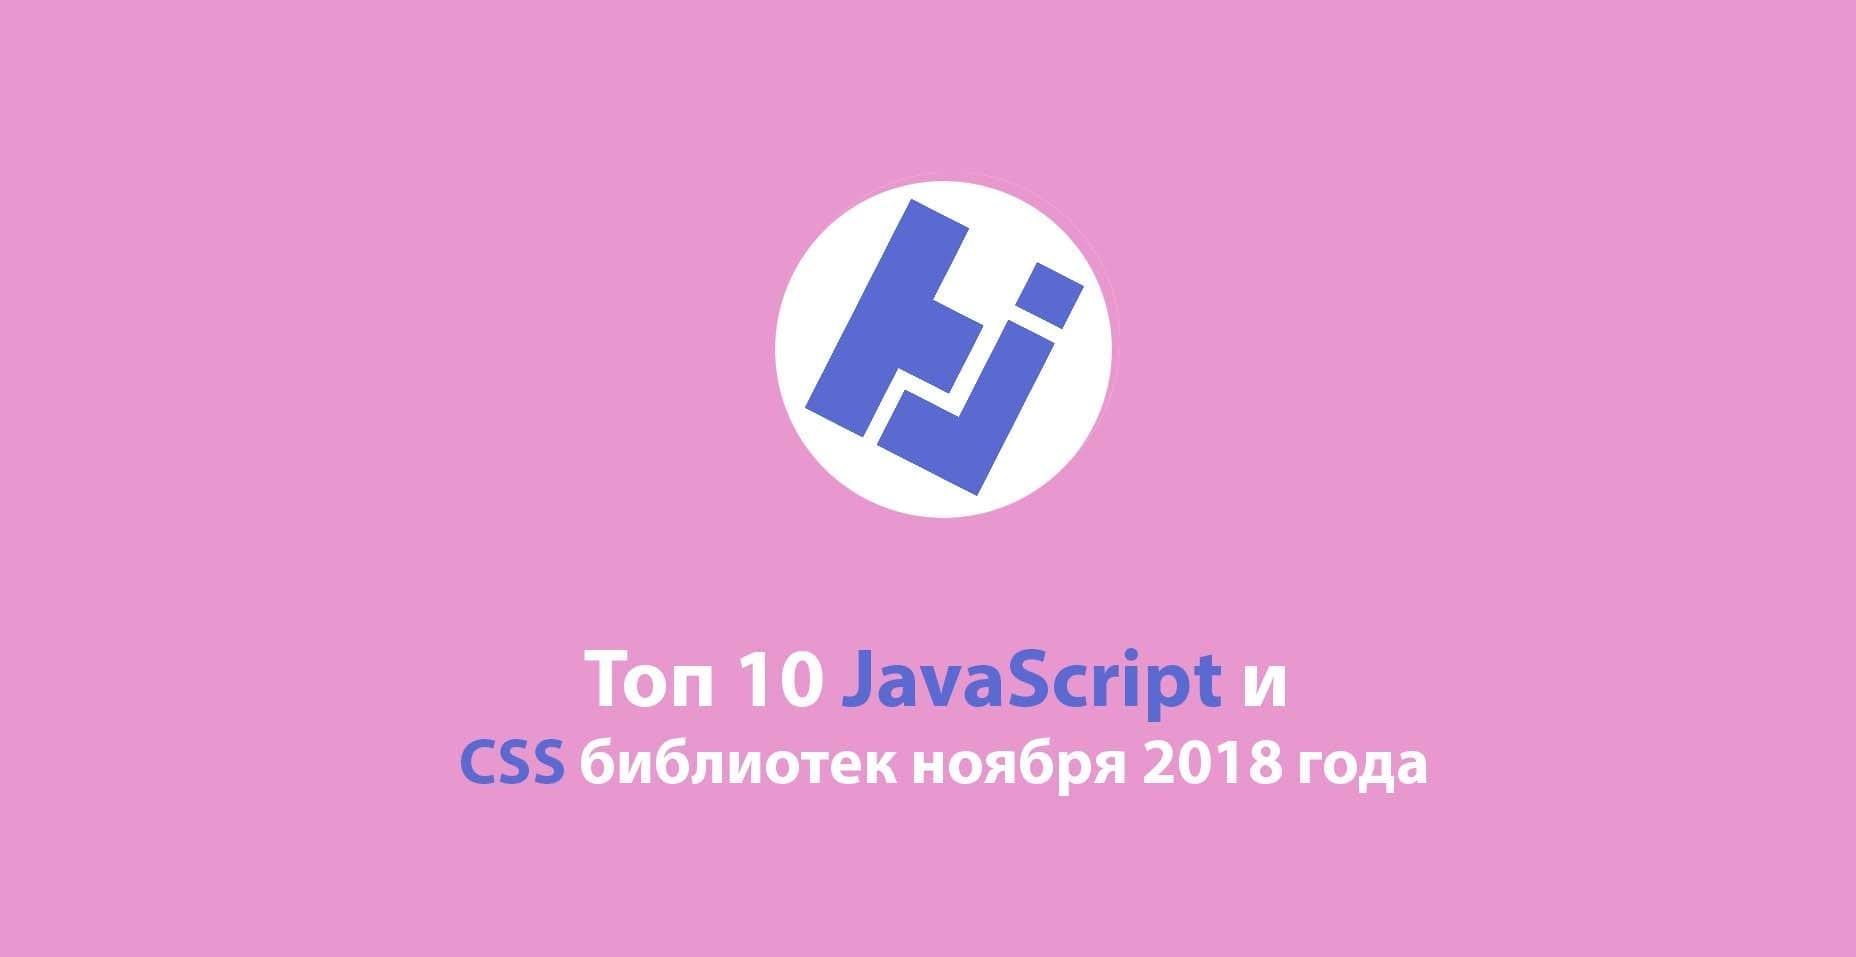 Топ 10 JavaScript и CSS библиотек ноября 2018 года